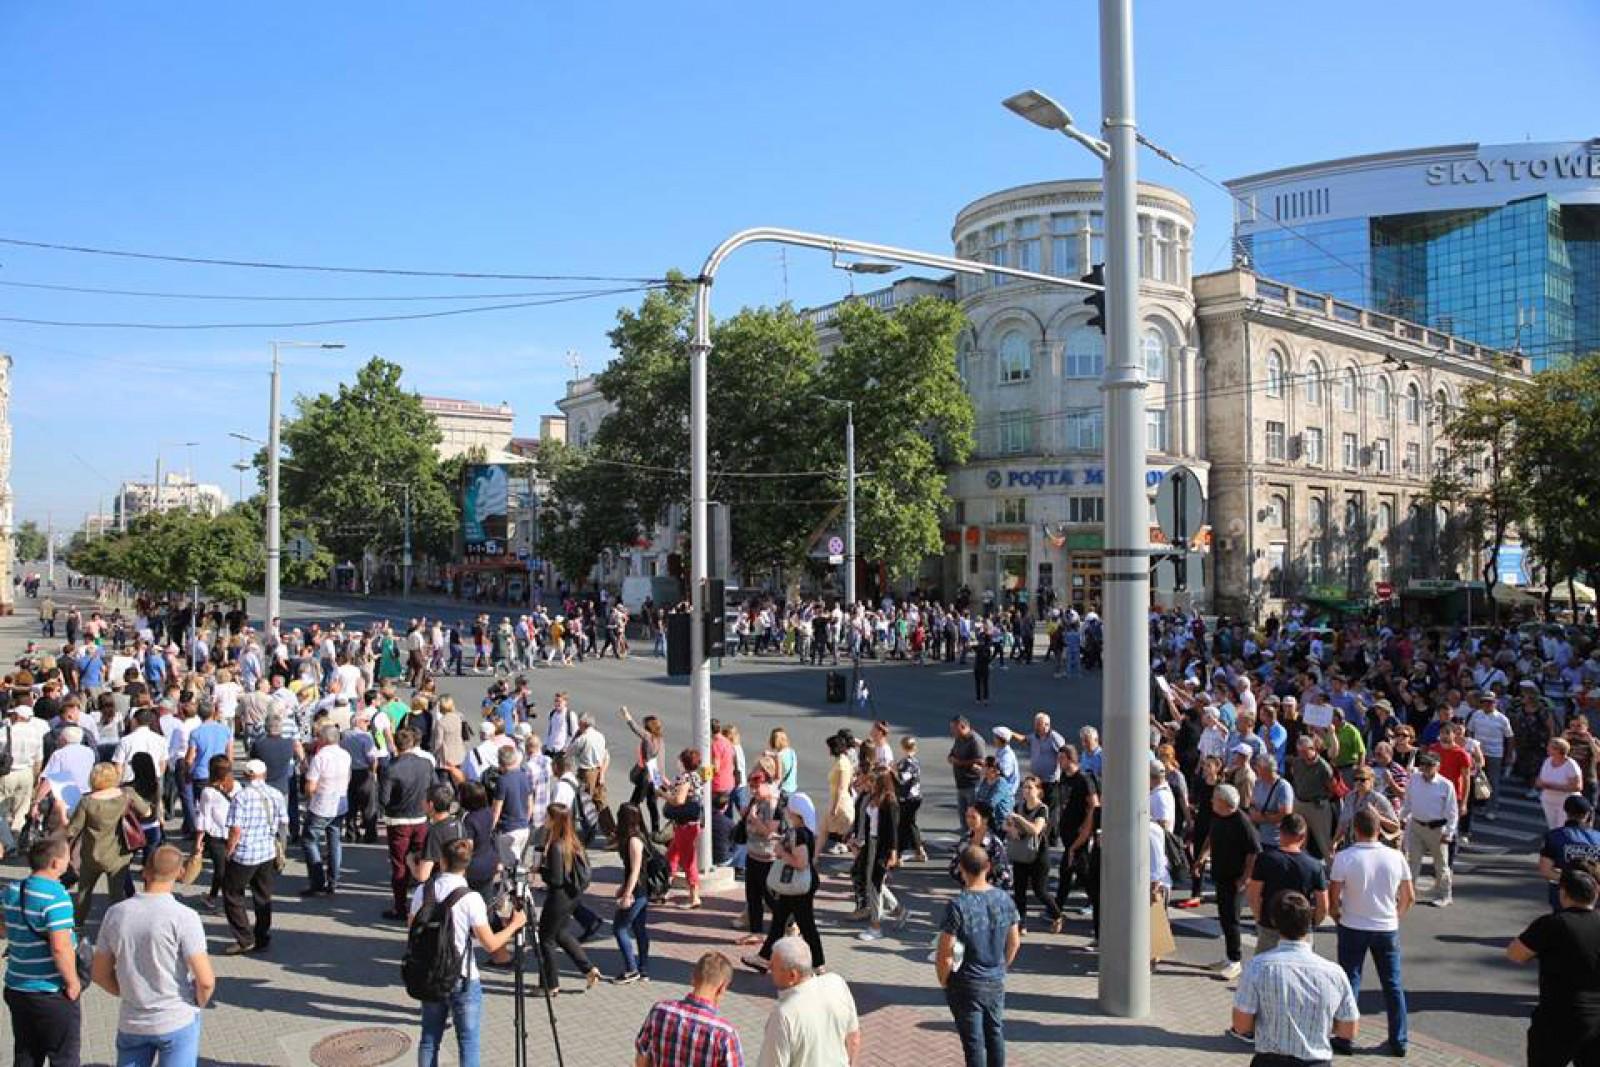 """(live/foto/update) Protest matinal în fața Primăriei Chișinău. Oamenii au blocat toate intrările primăriei: """"Zi liberă pentru angajați. Primarul nu a fost ales"""""""